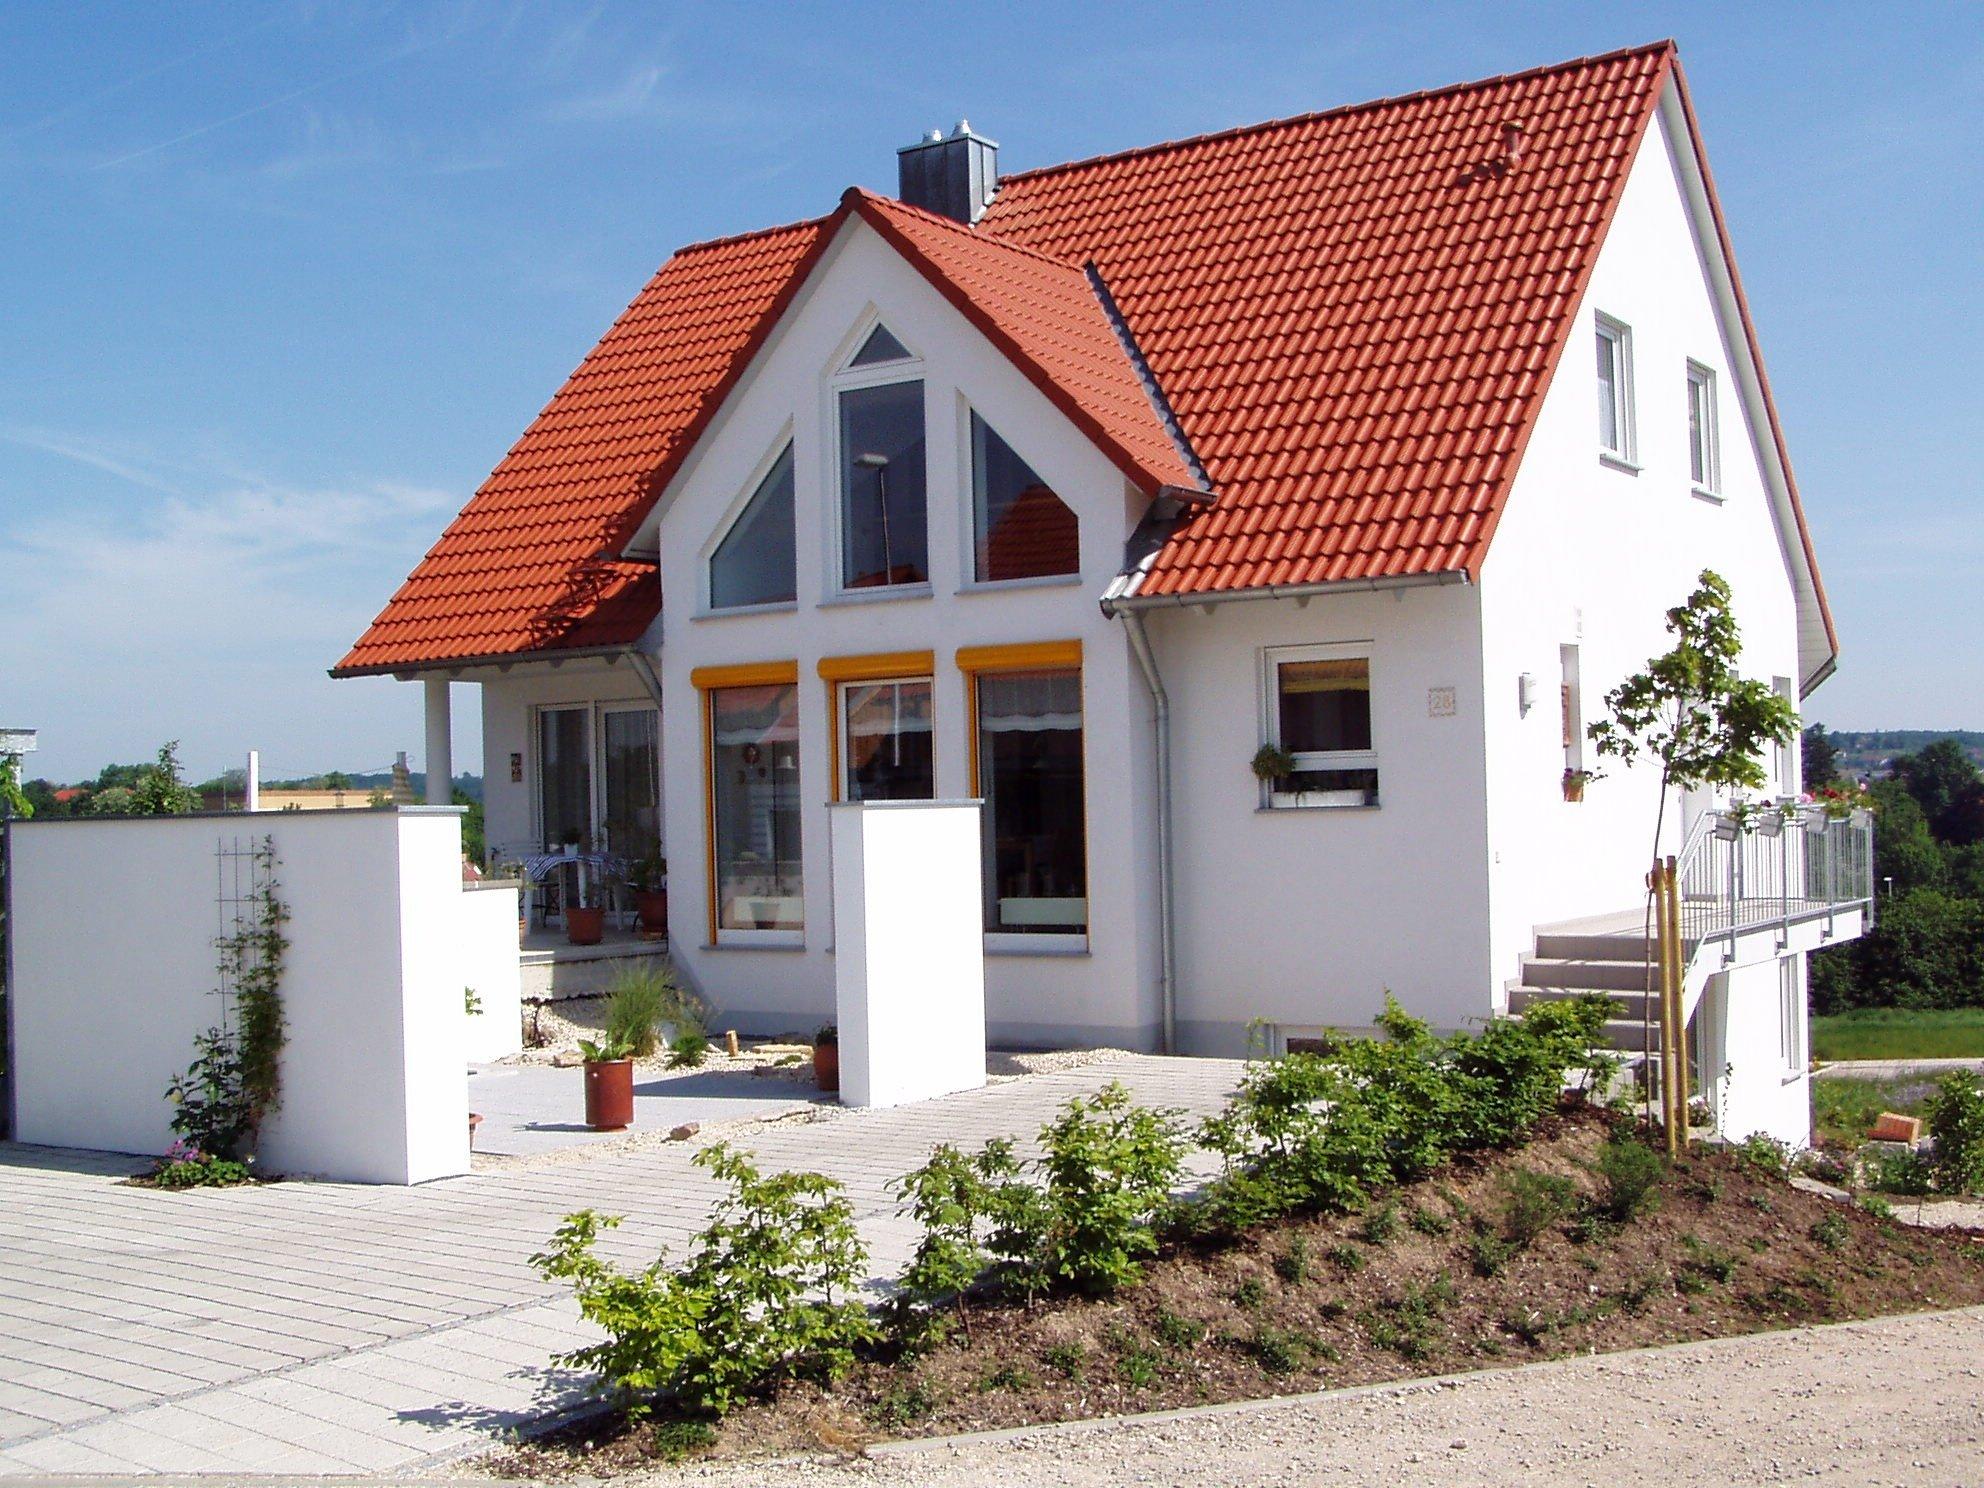 News-Beitrag: Niedrigzinsen können Immobilienkäufern großes Ersparnis bringen